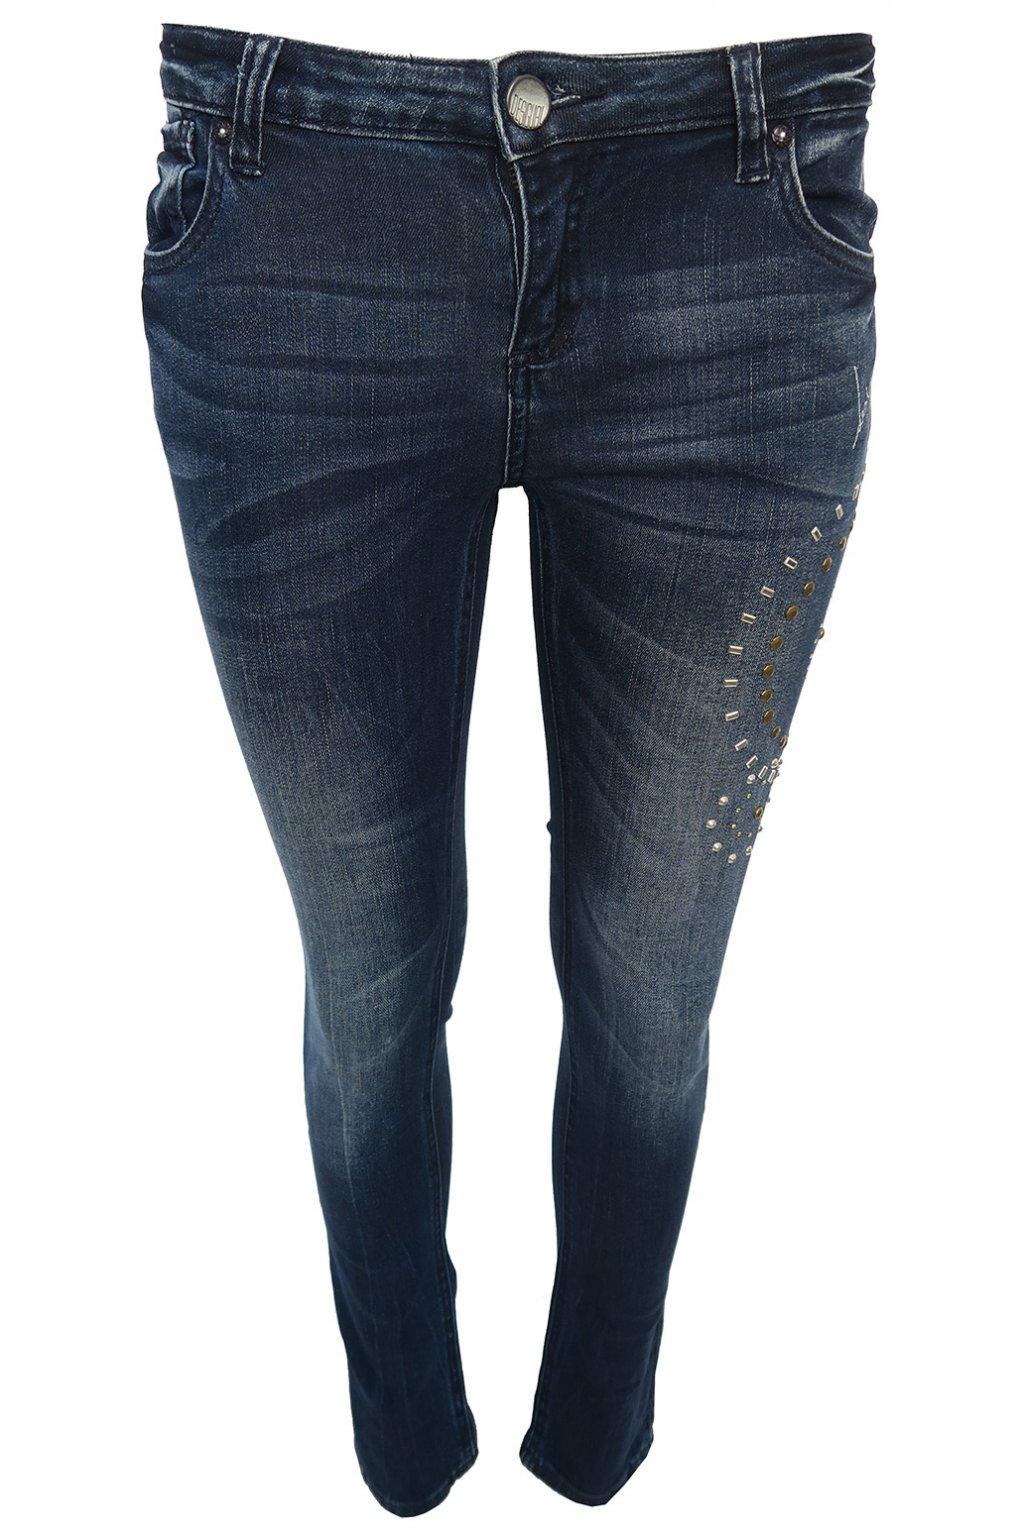 Desigual džíny se stříbrnými aplikacemi